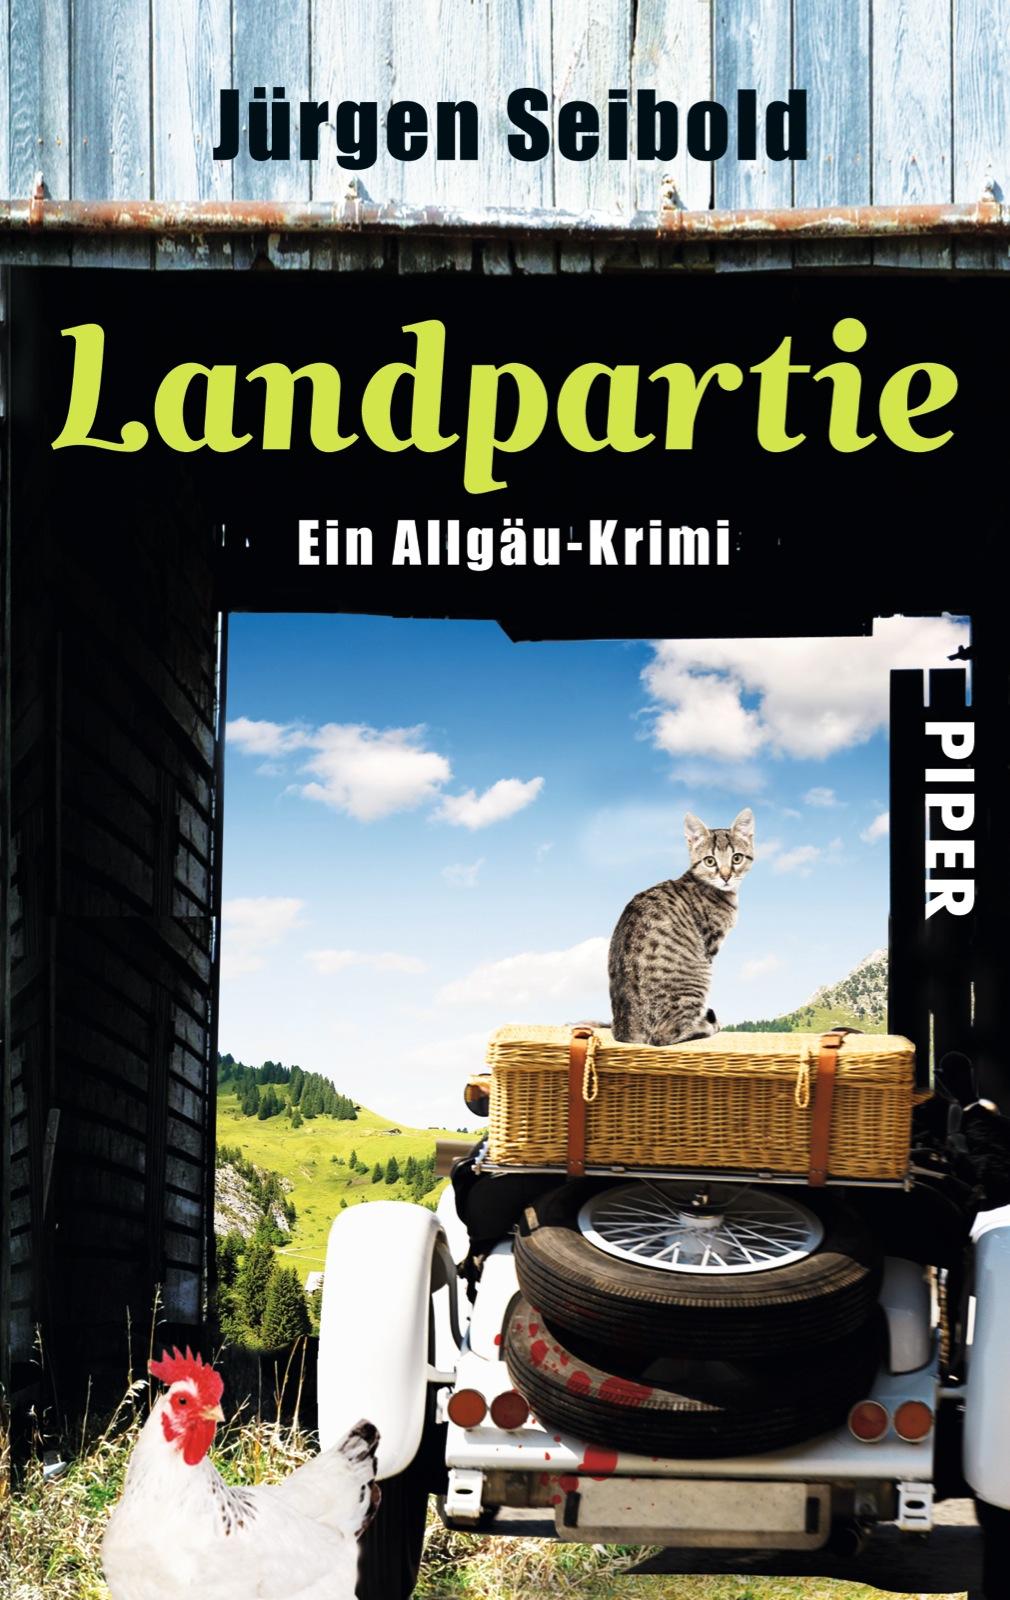 Landpartie: Ein Allgäu-Krimi - Jürgen Seibold [Taschenbuch]